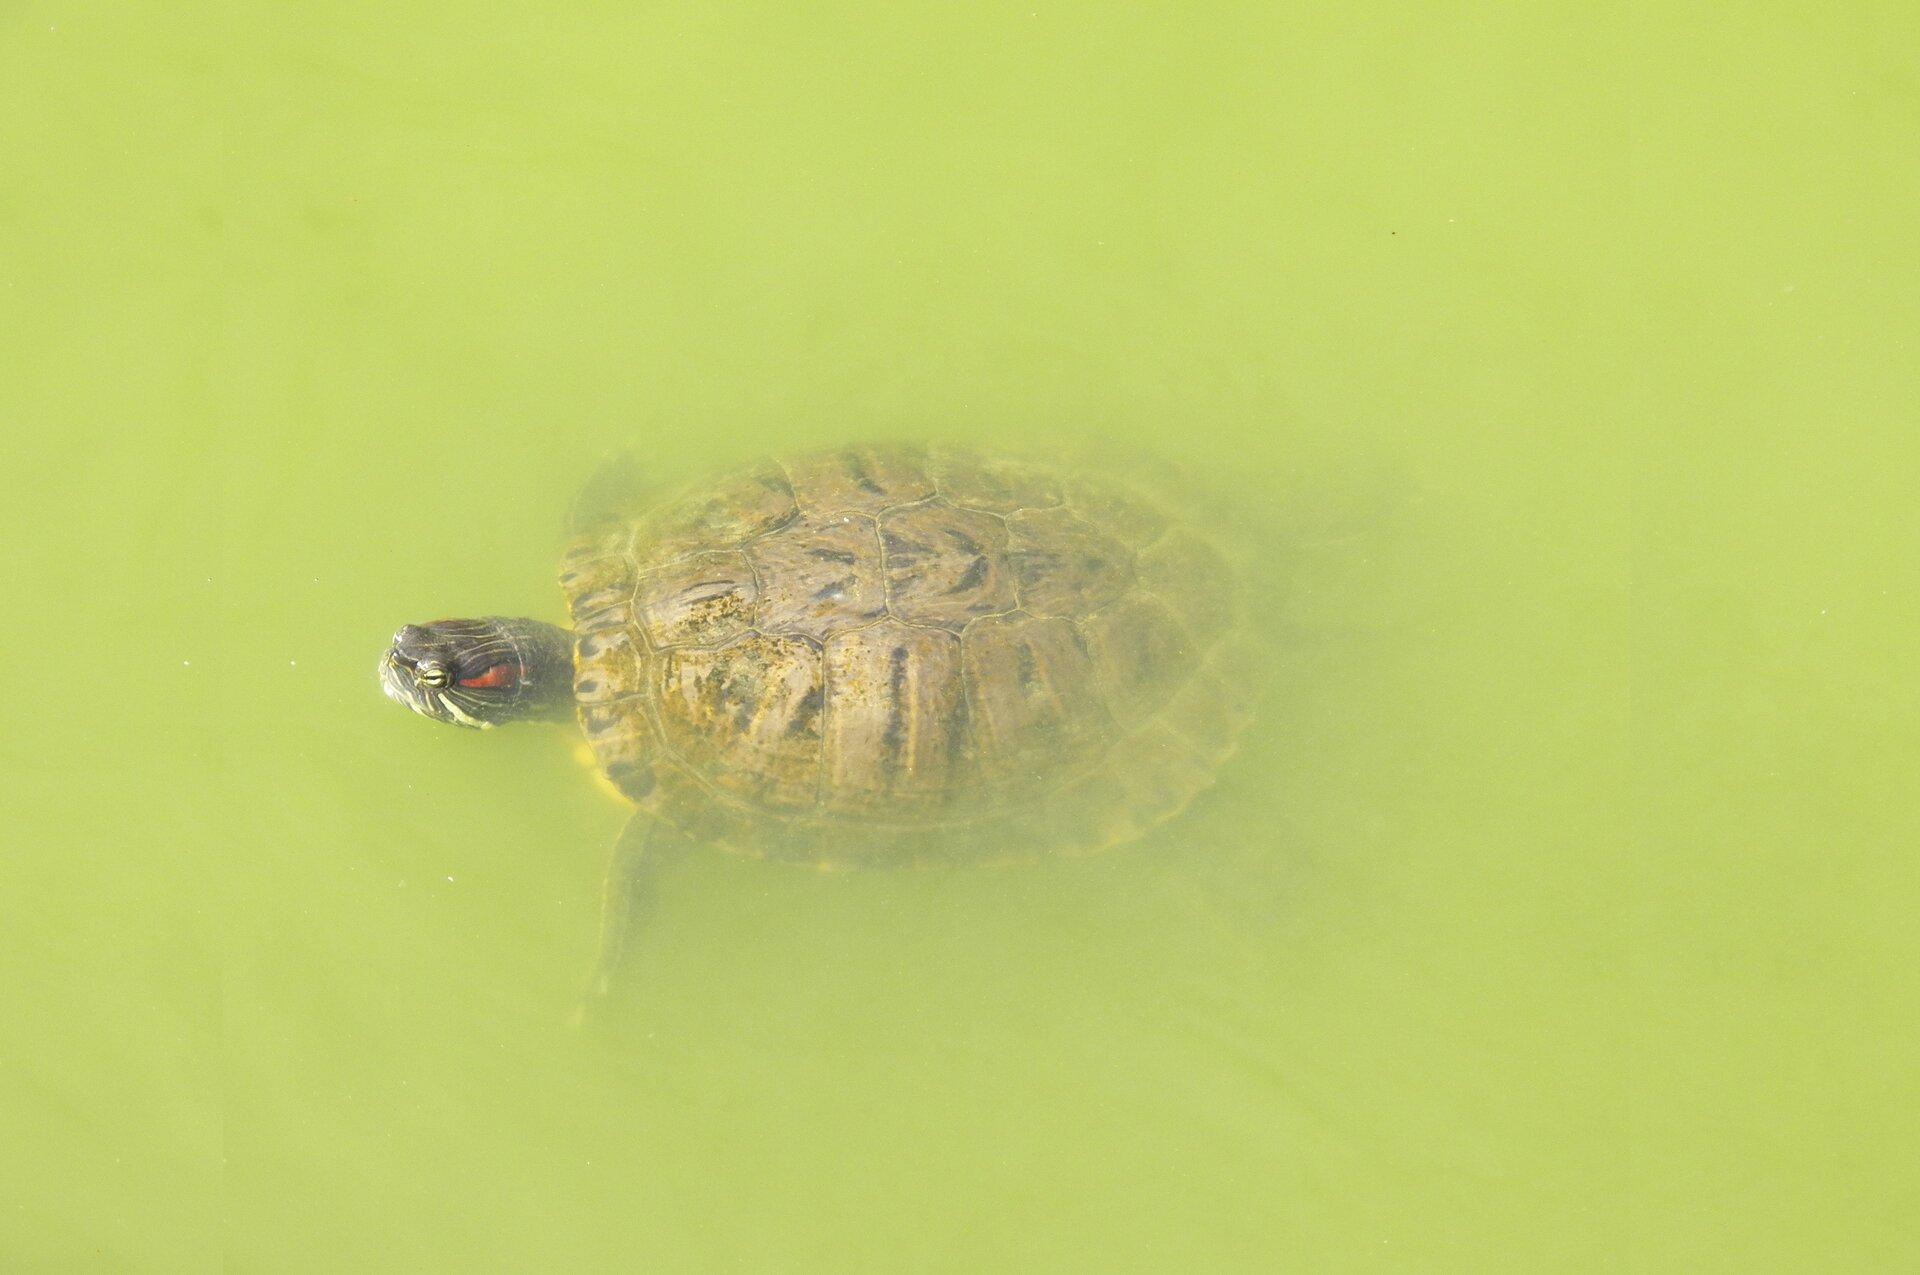 Żółw wwodzie Źródło: pixabay, licencja: CC 0.